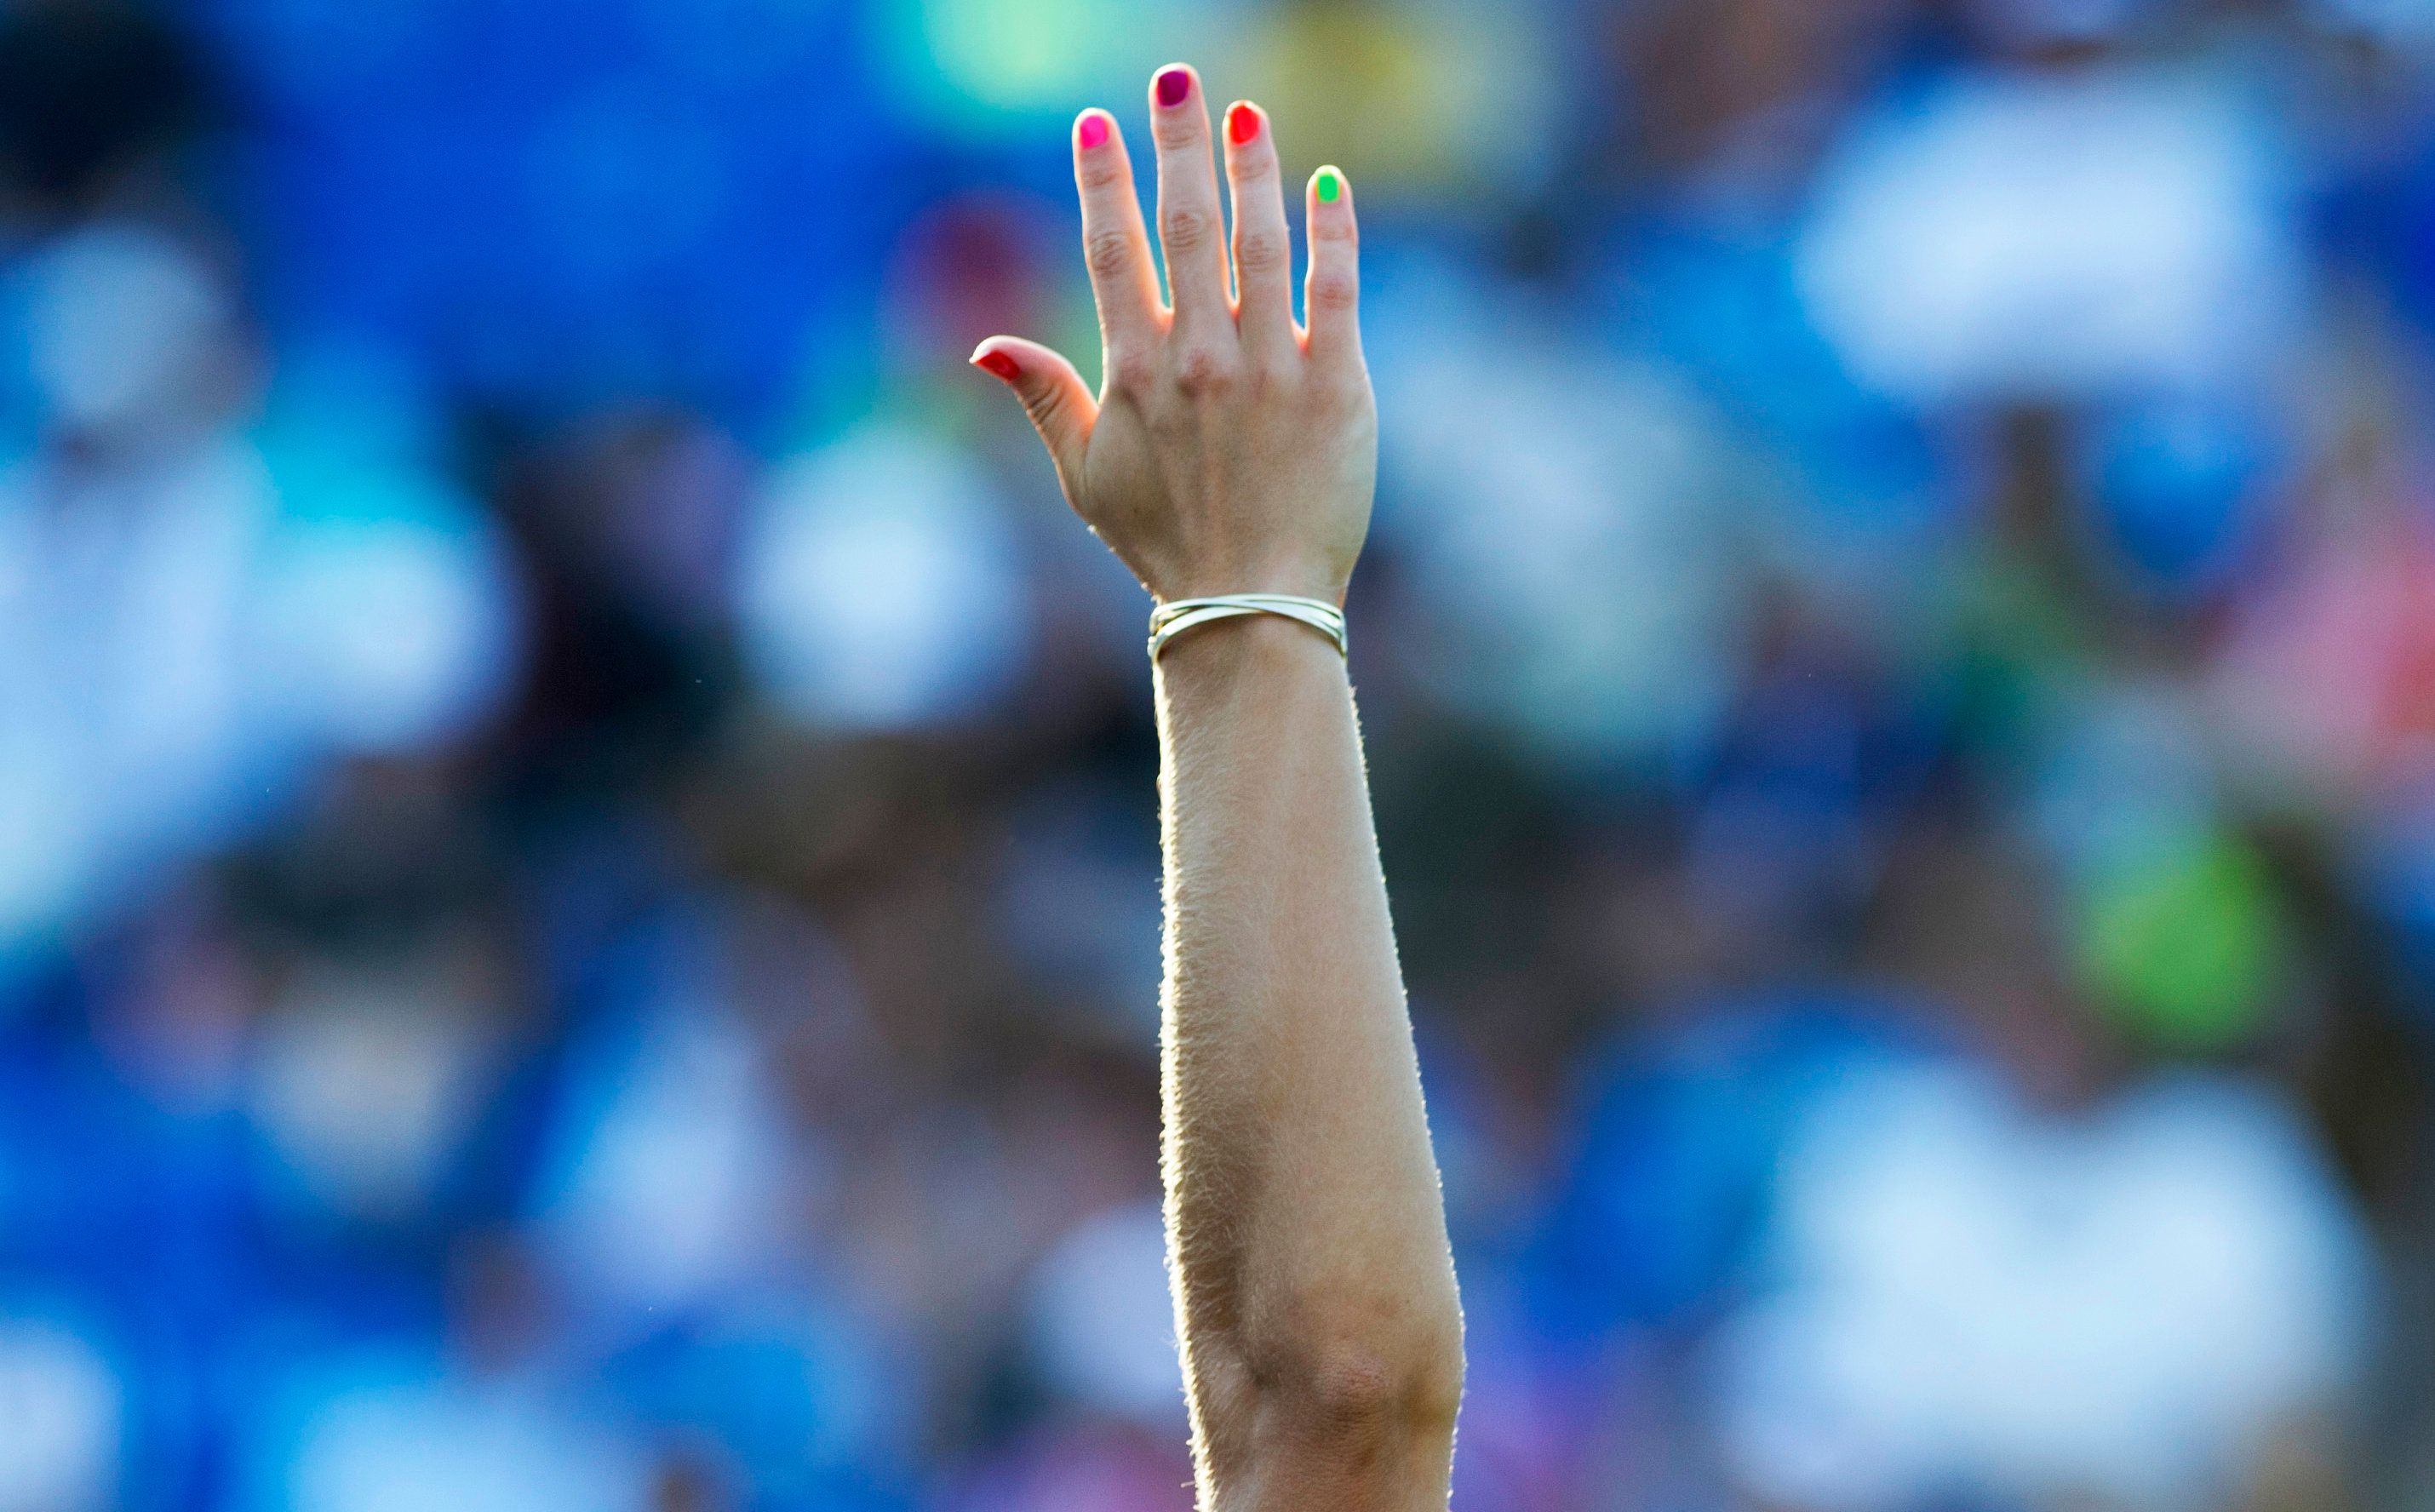 To μήκος των δαχτύλων των χεριών «δείχνει» τις σεξουαλικές μας προτιμήσεις, υποστηρίζει μια νέα